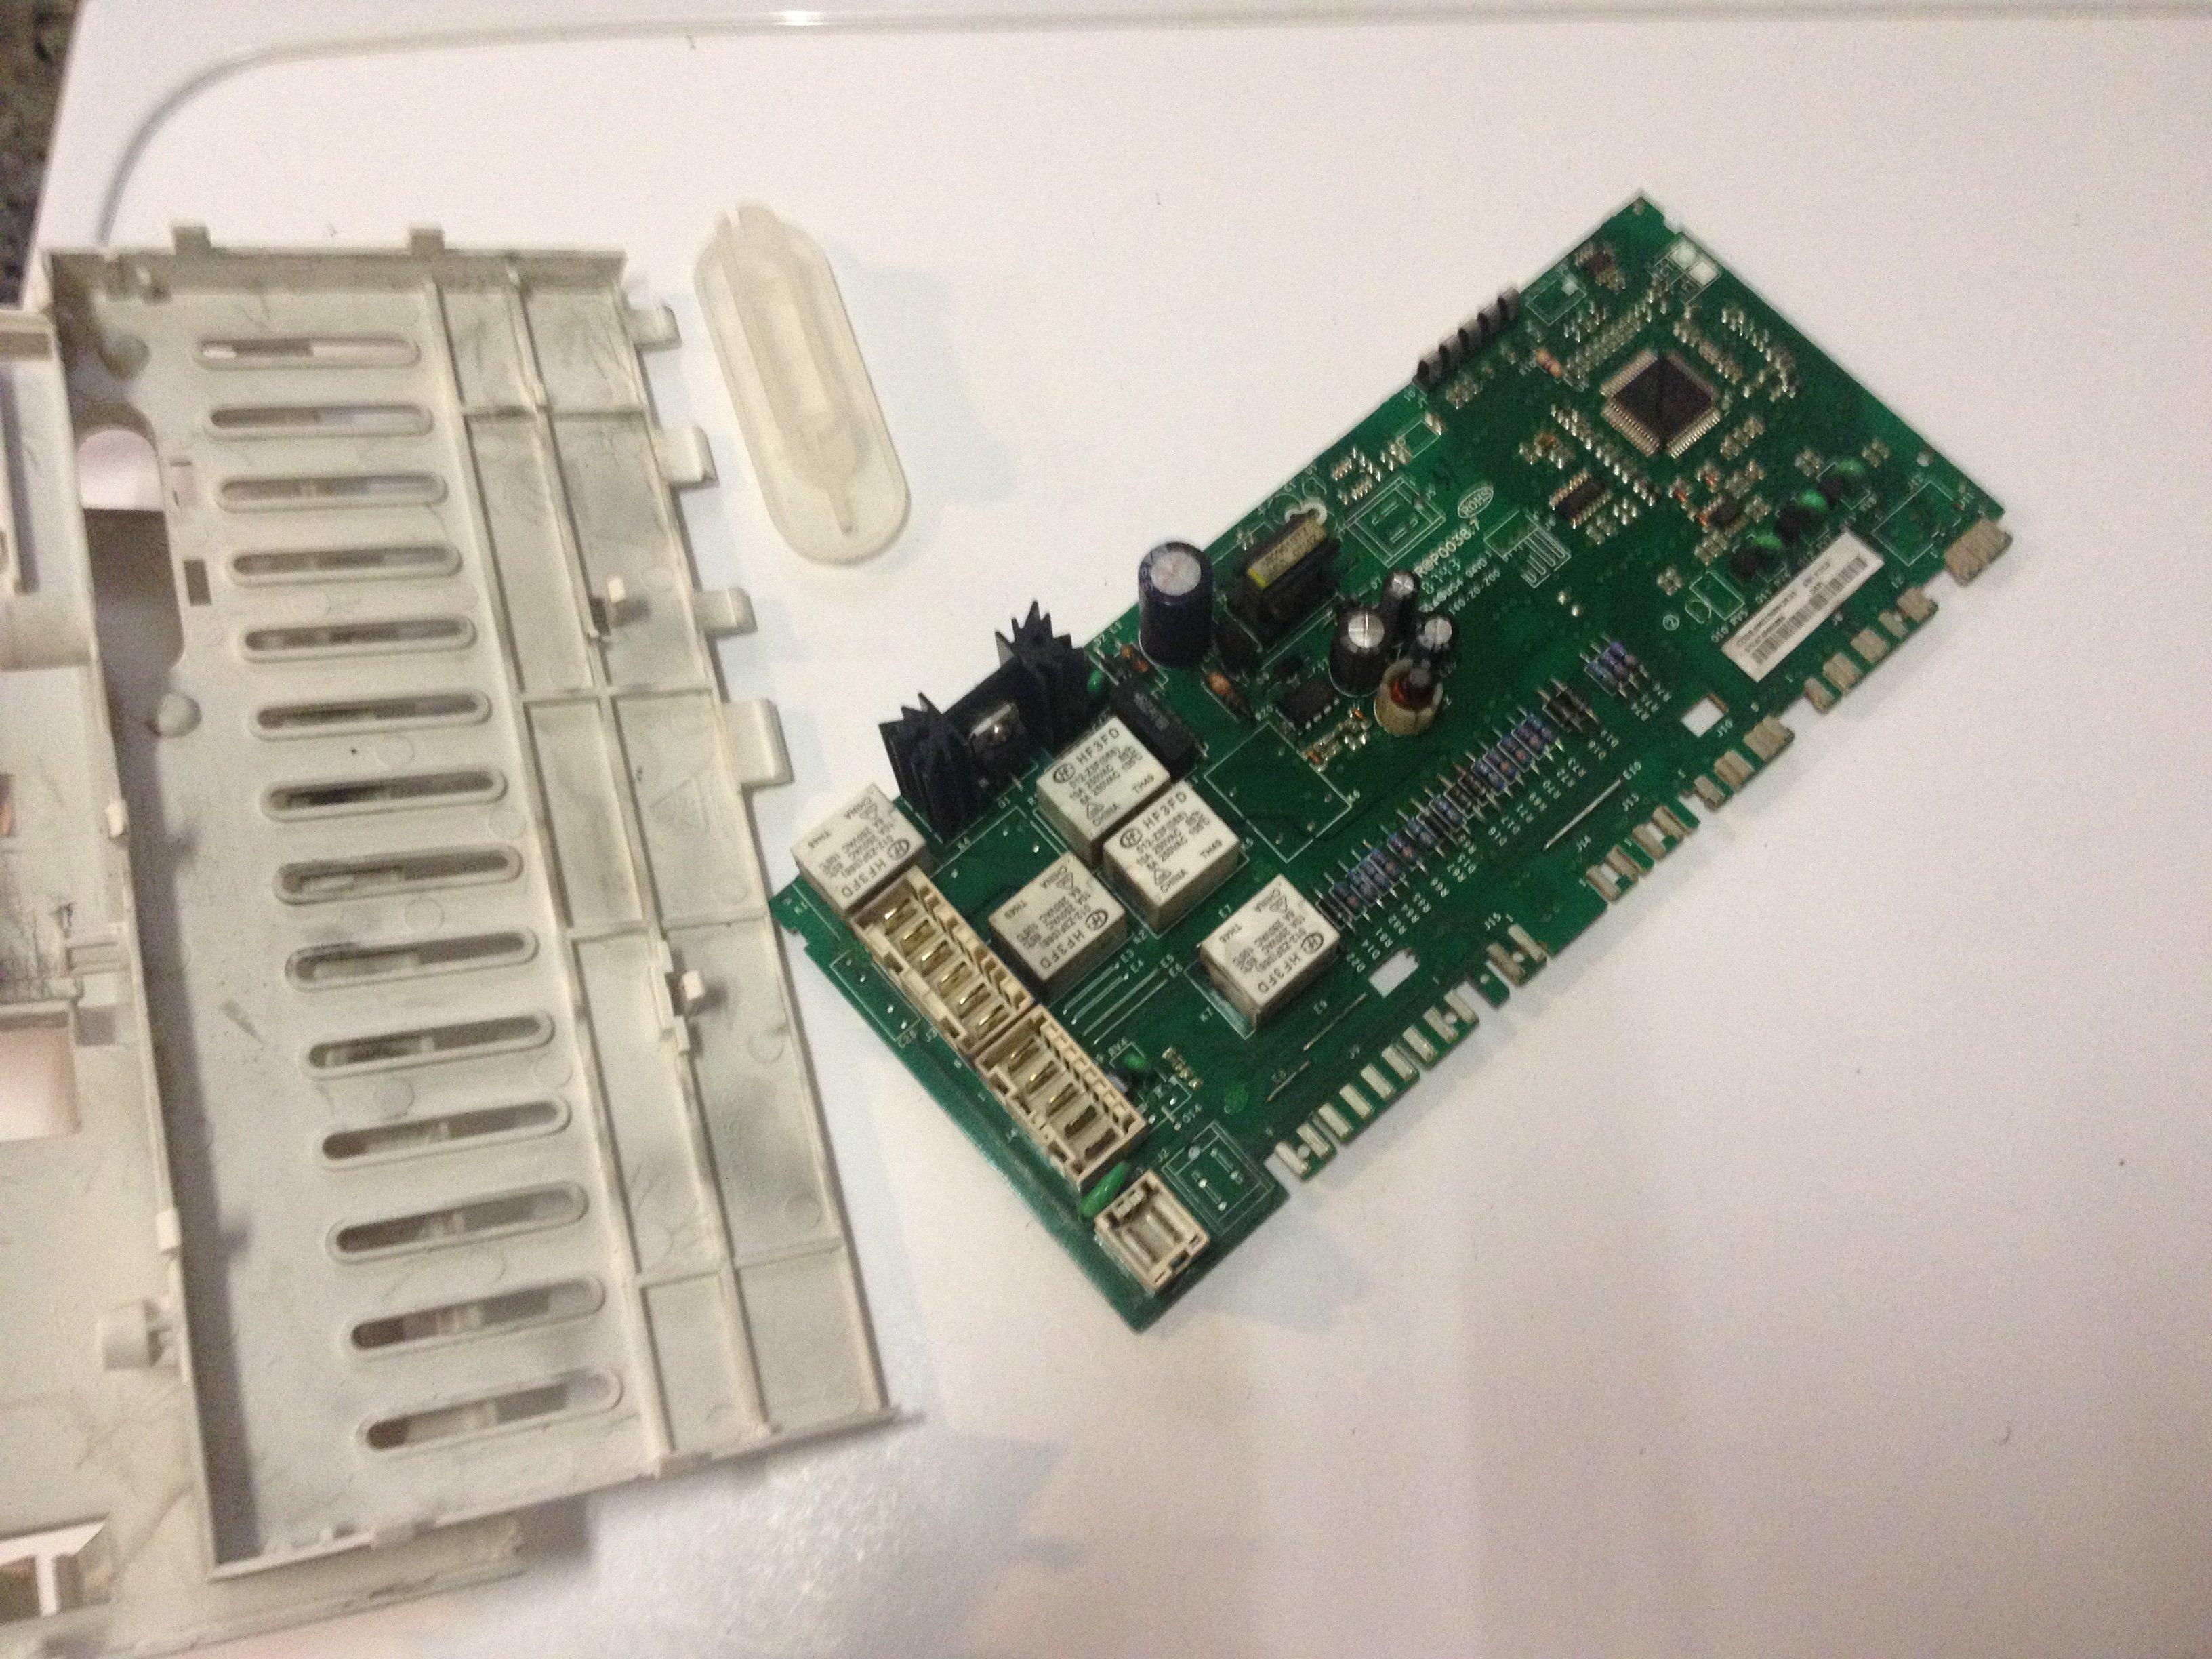 Schema Elettrico Lavatrice Candy : Scheda elettronica difetti e funzionamento riparodasolo